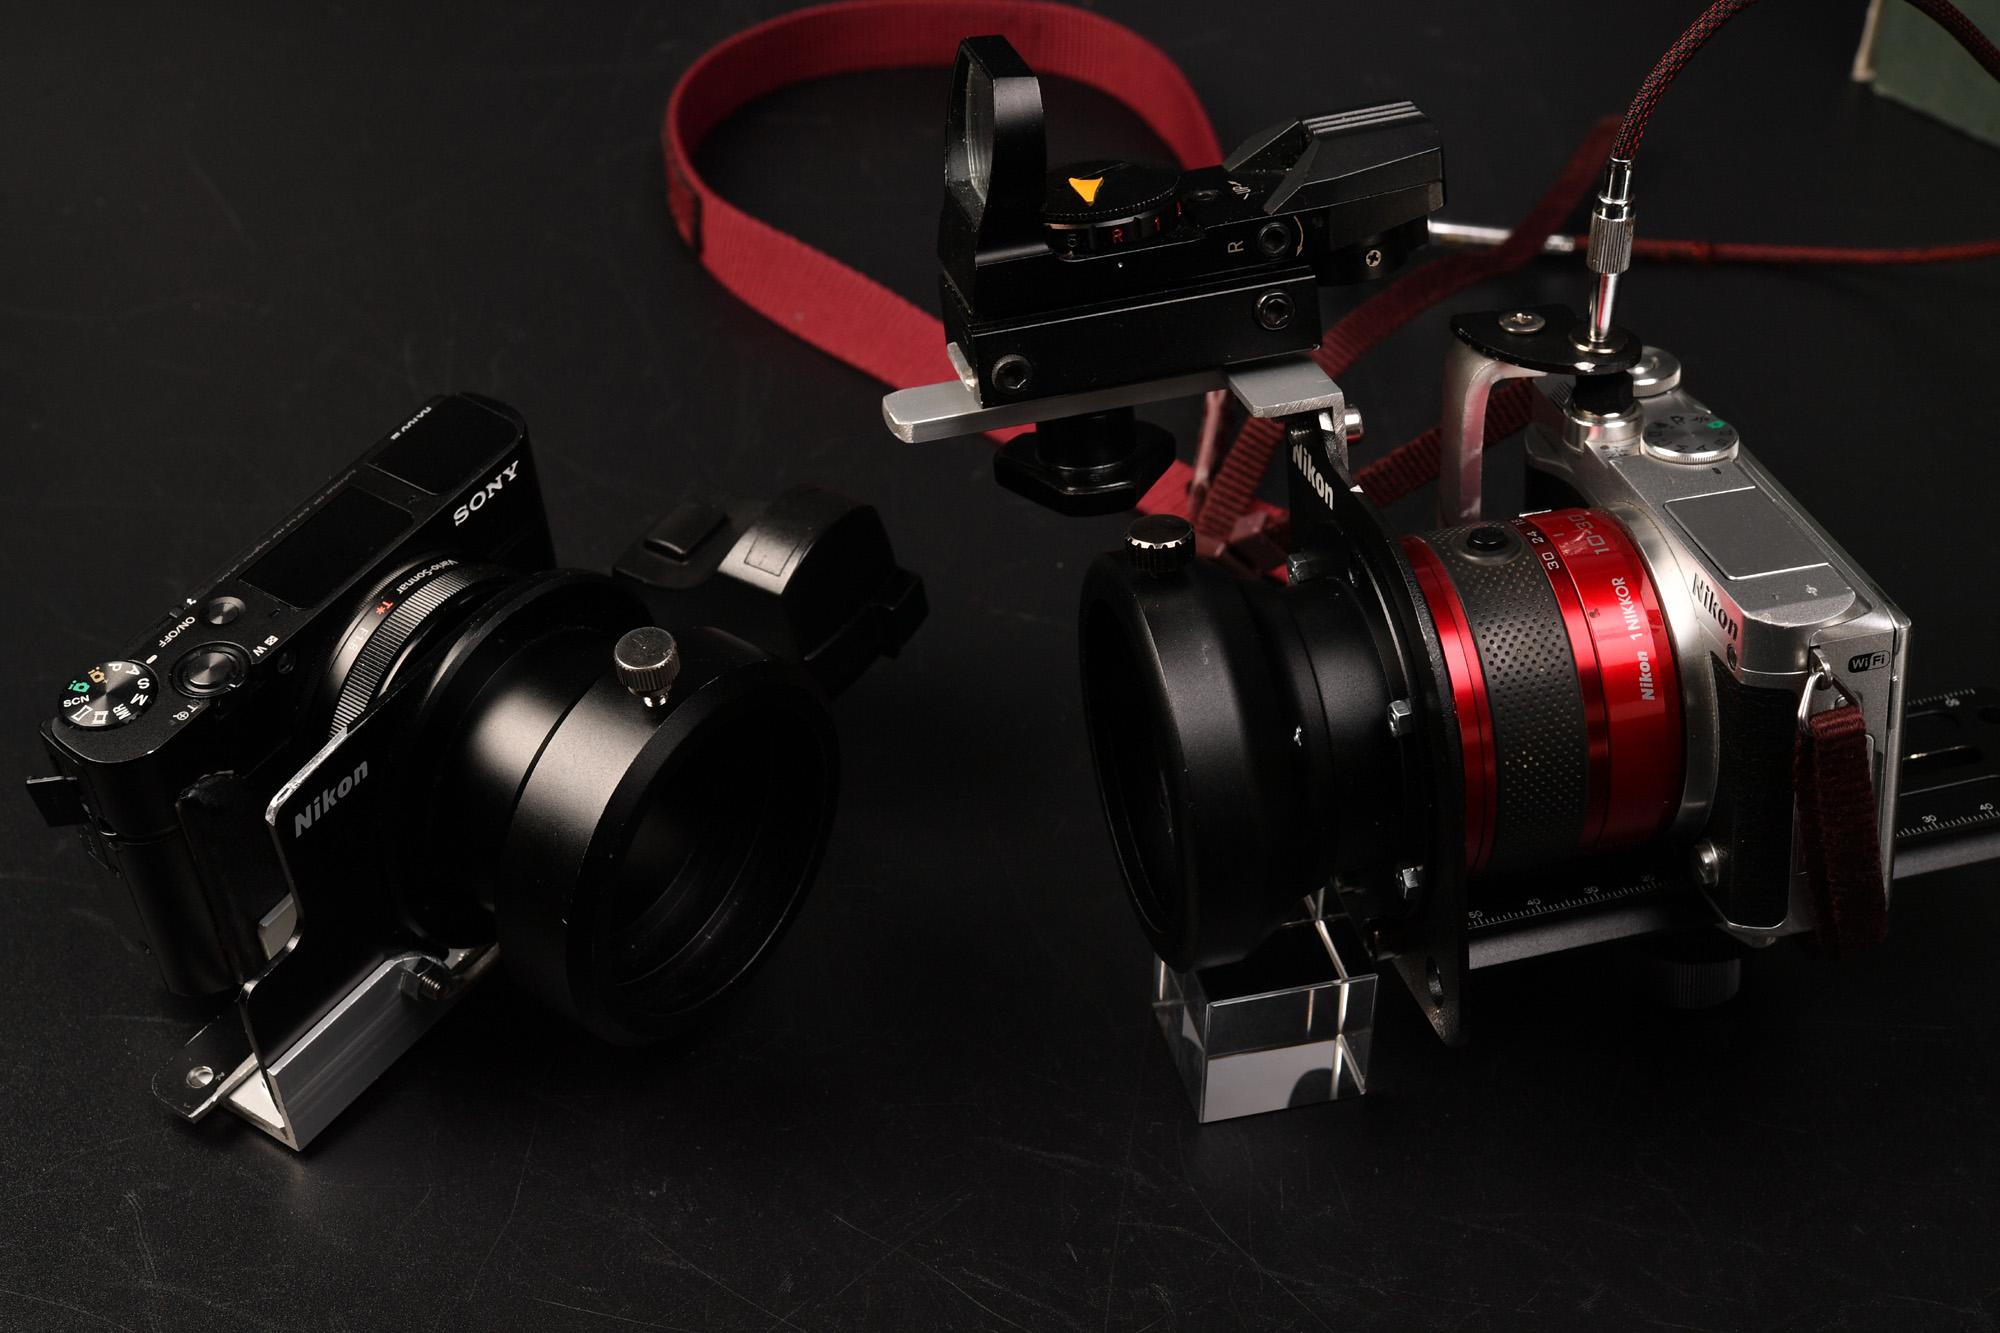 kowa TSN-774 自作Nikon接眼レンズ用に作ったカメラブラケットで試し撮り SONY RX100M3 Nikon1 J5